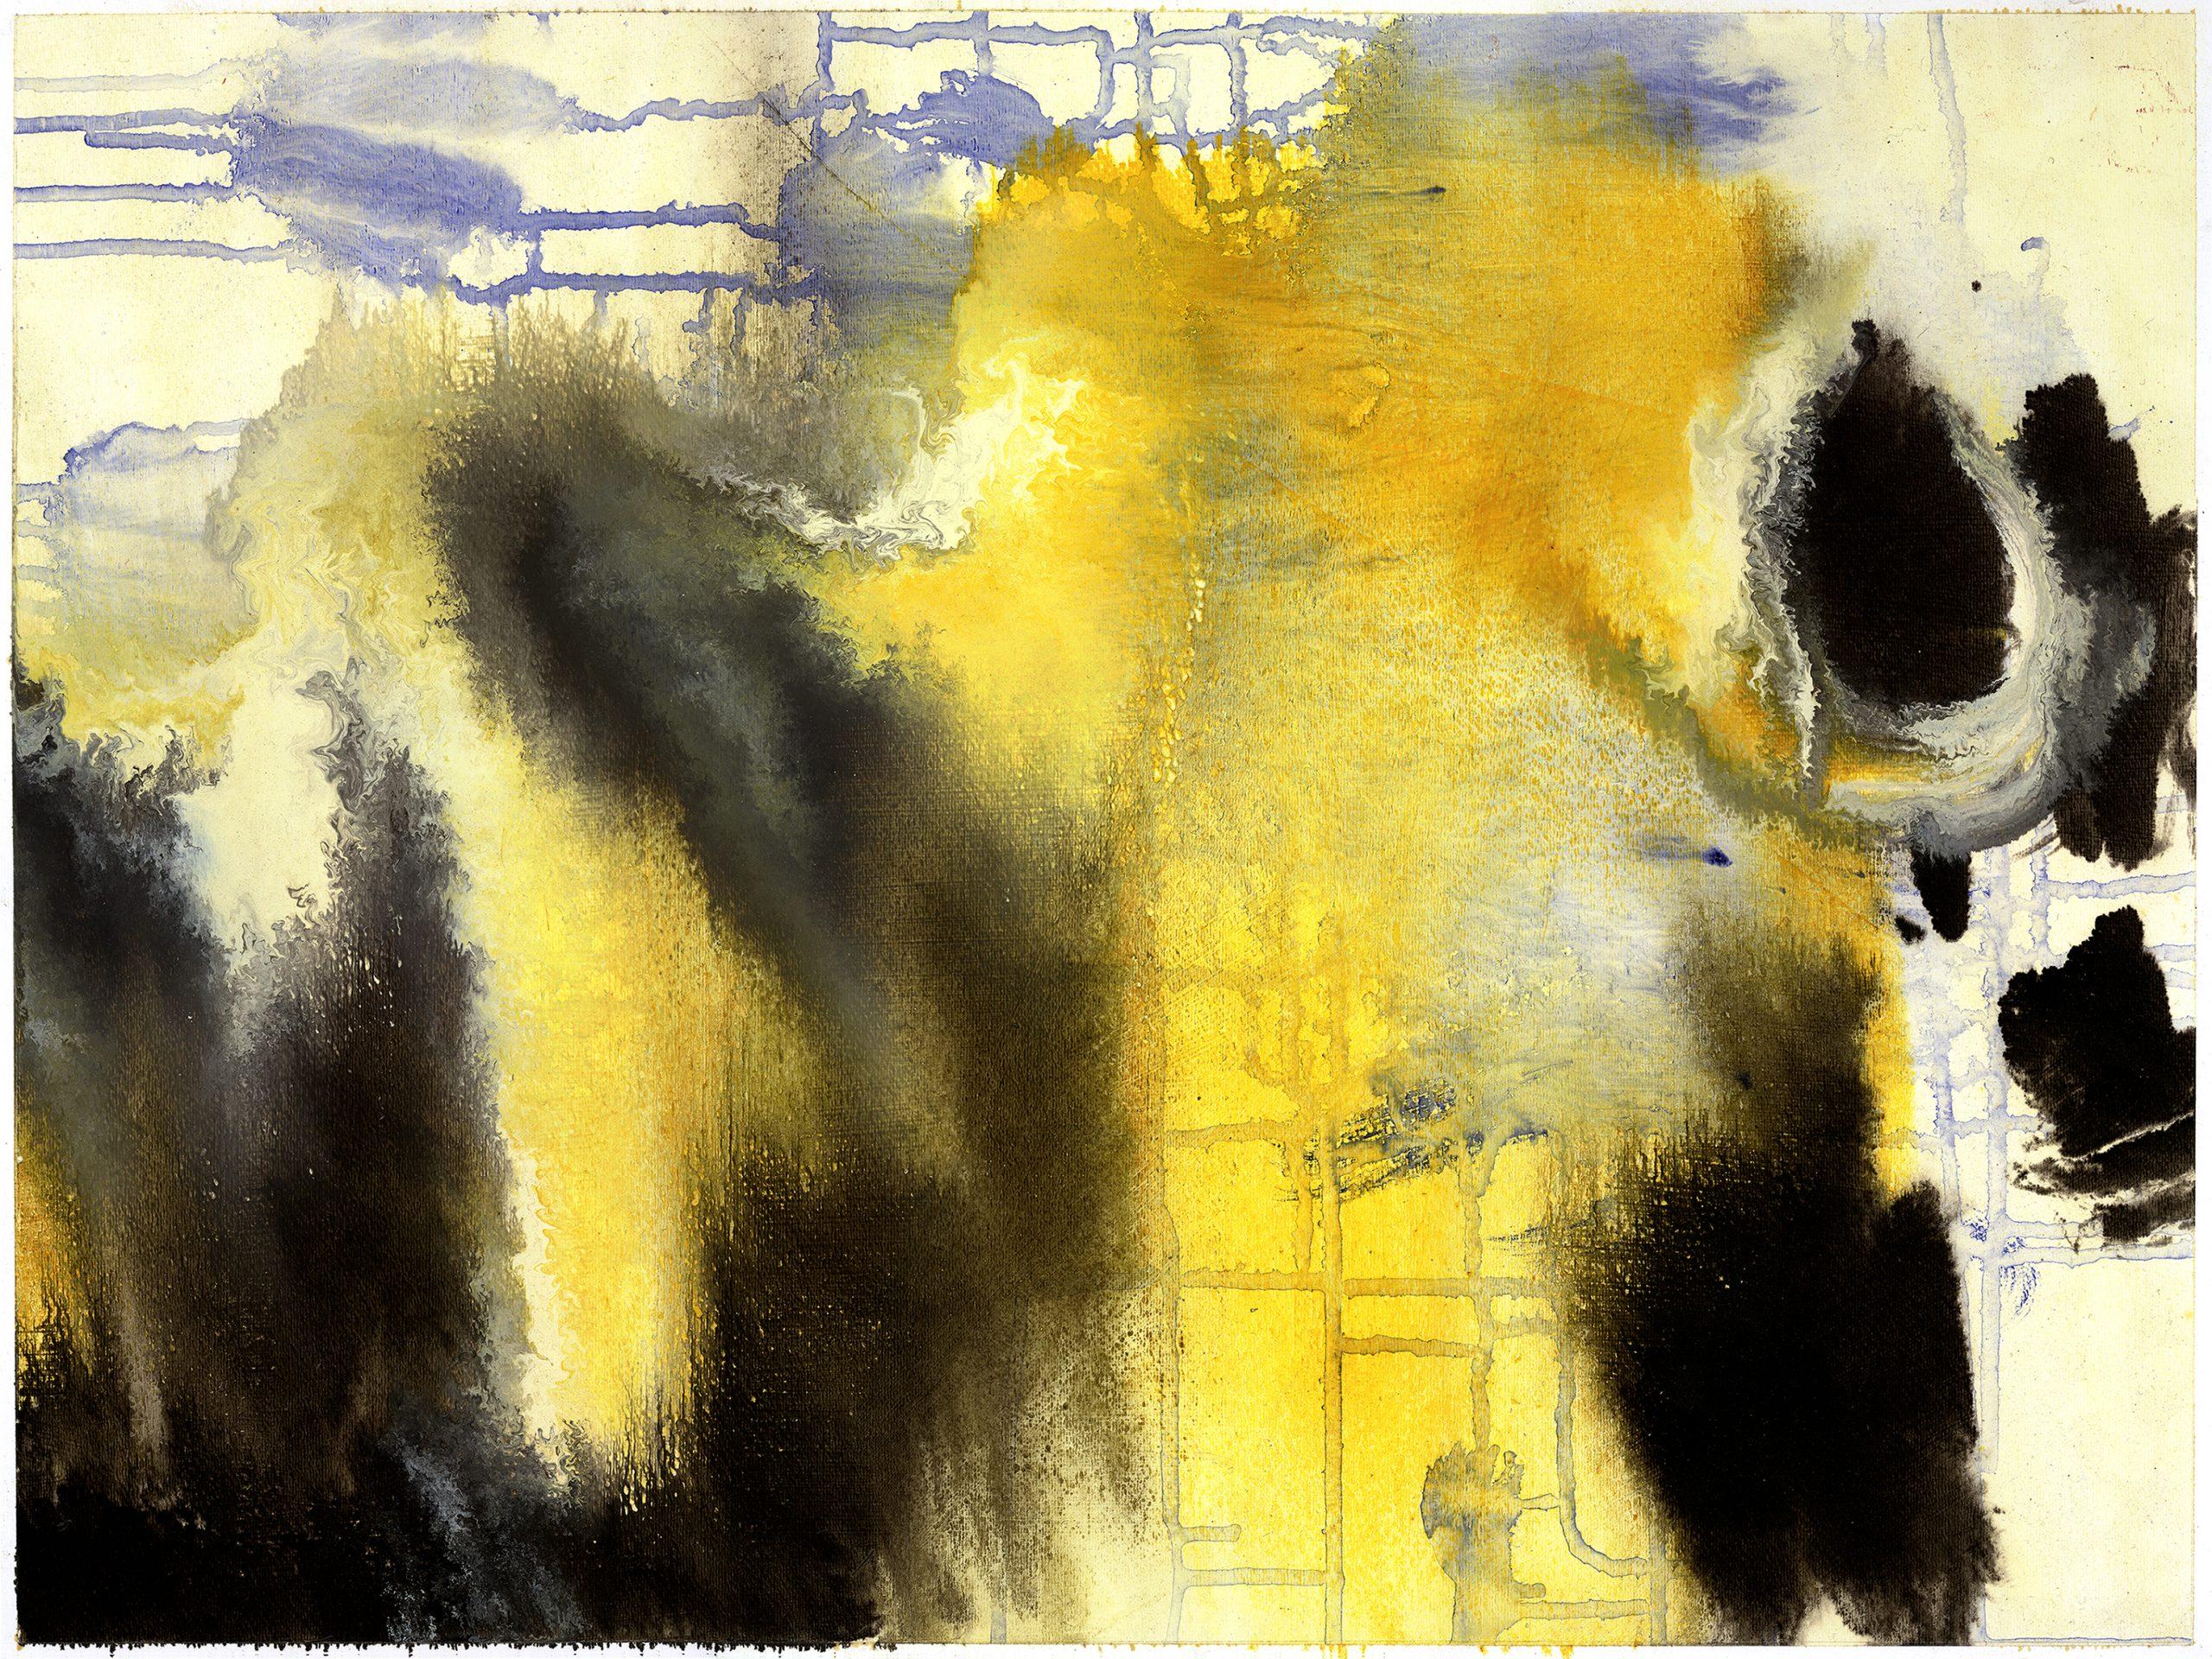 Chelleneshin n°13, Oil on Paper, 46 x 61 cm, 2012